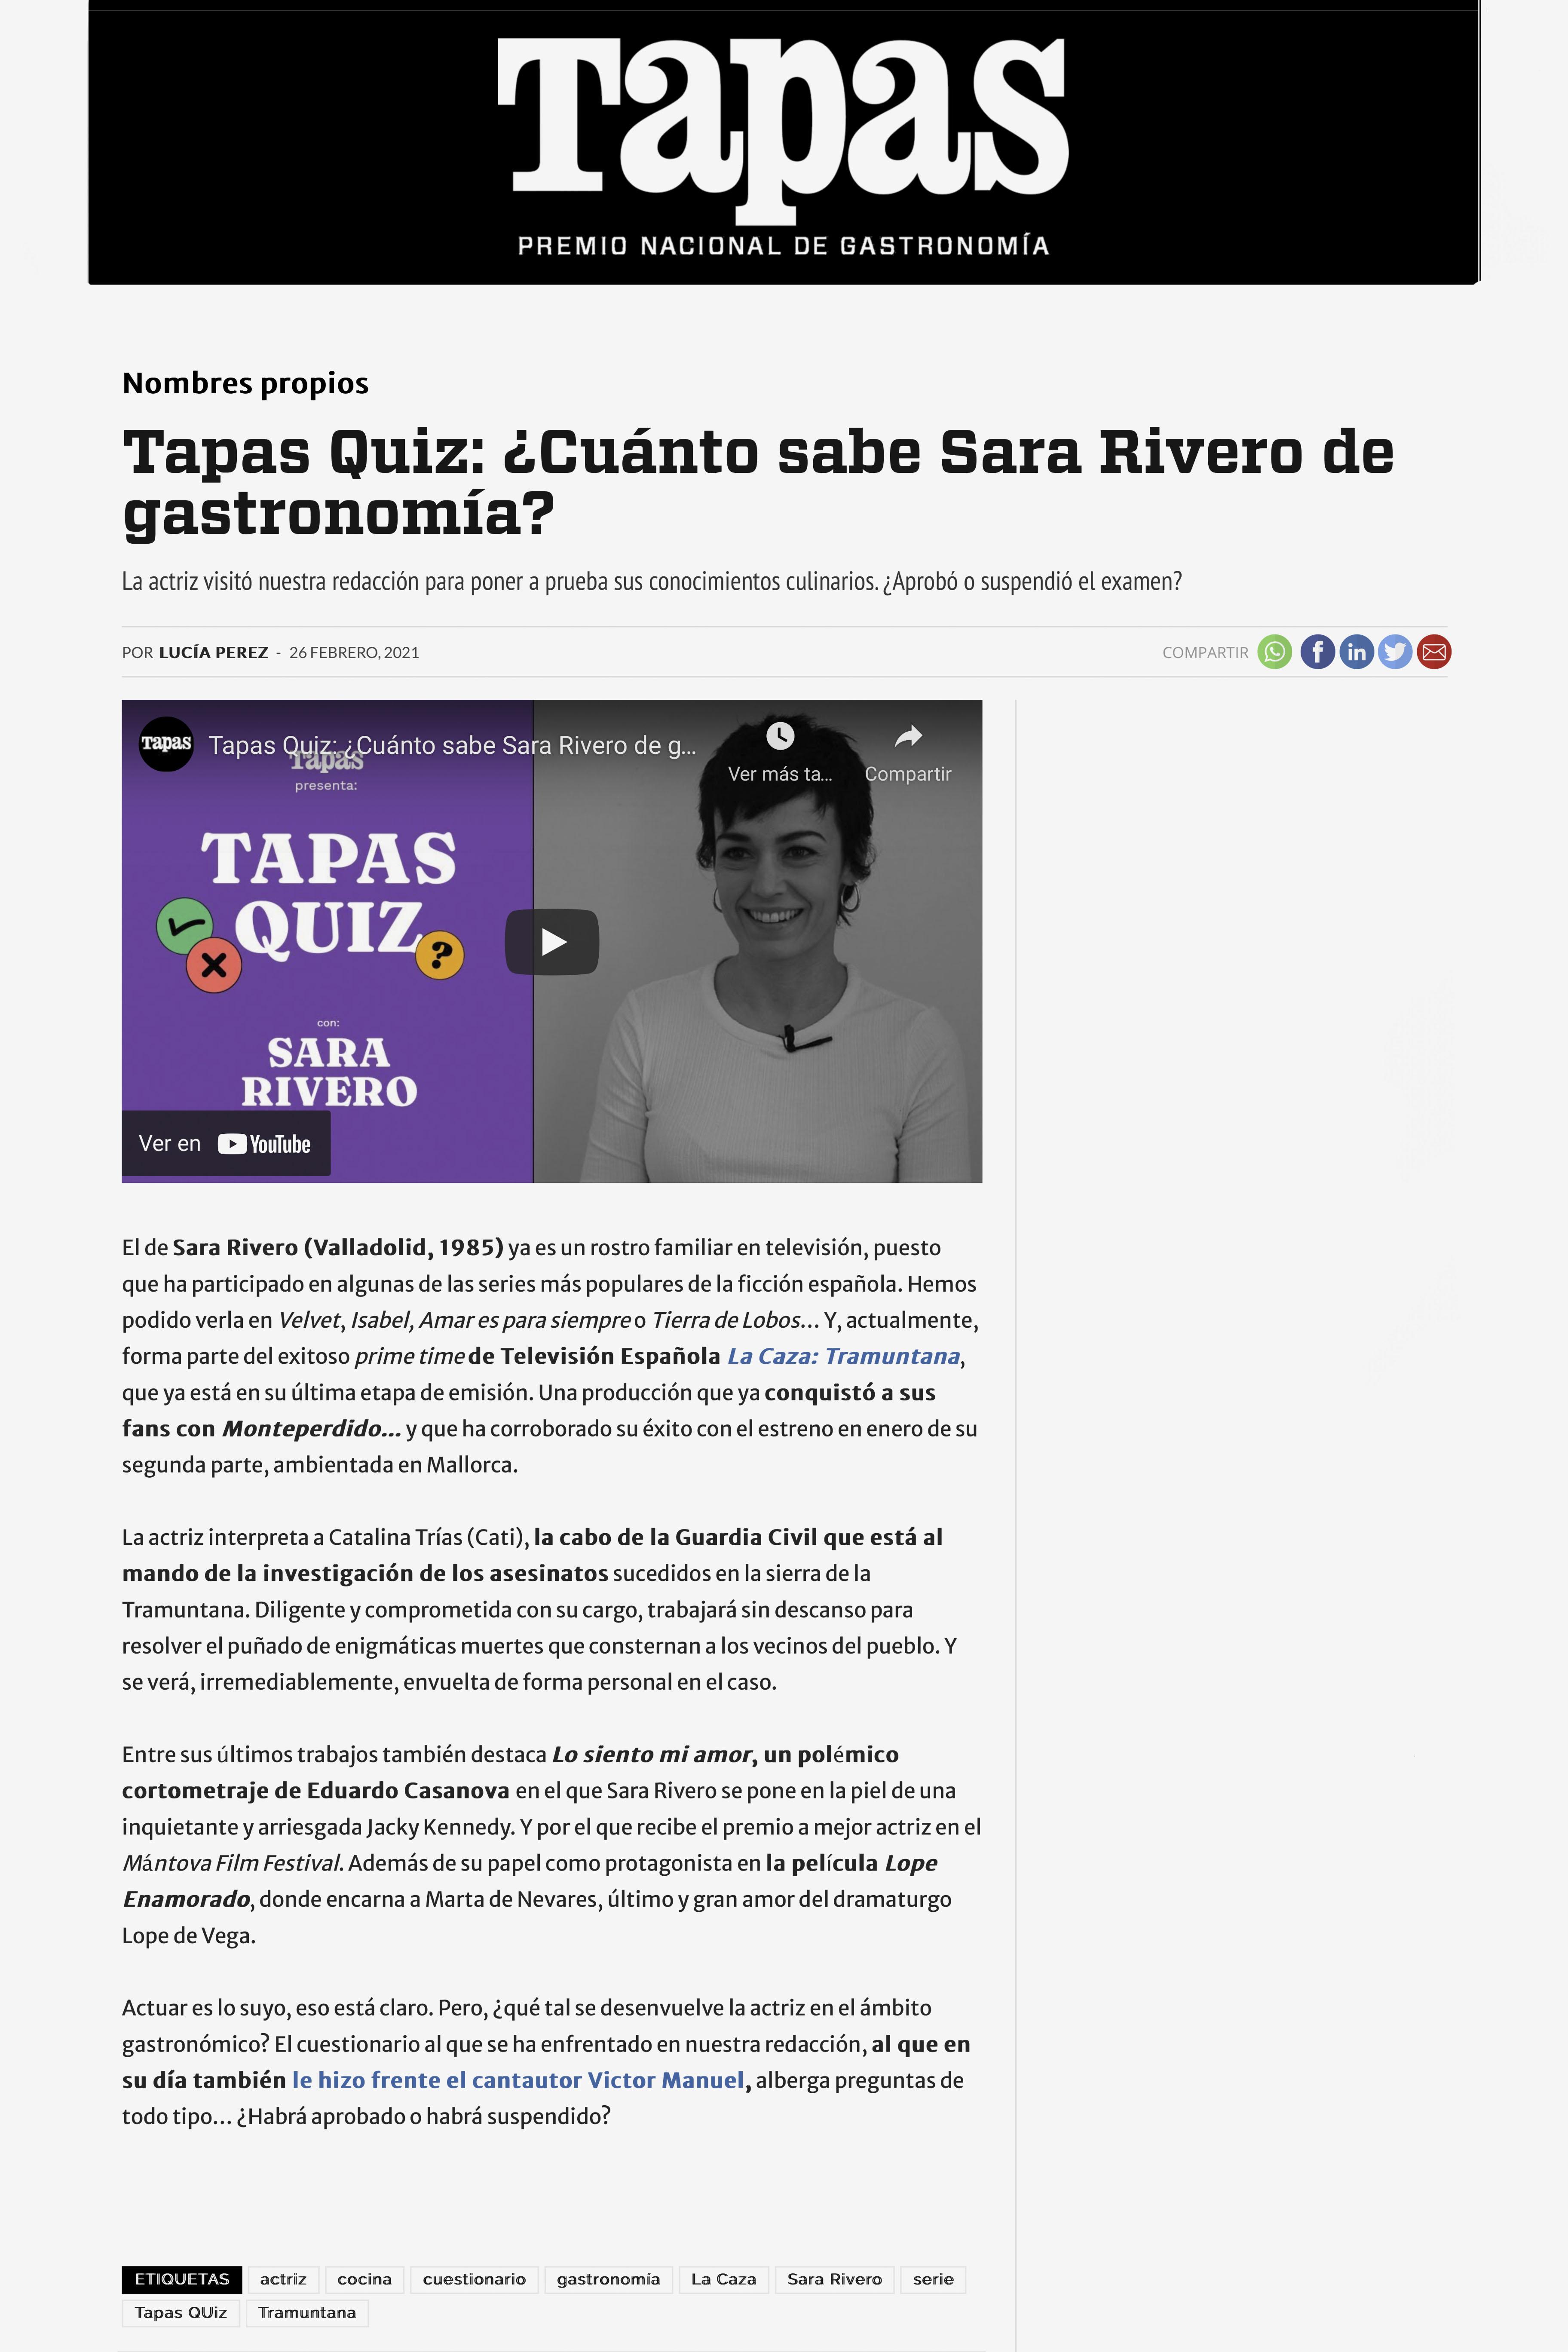 ¿Cuánto sabe Sara Rivero de gastronomía?